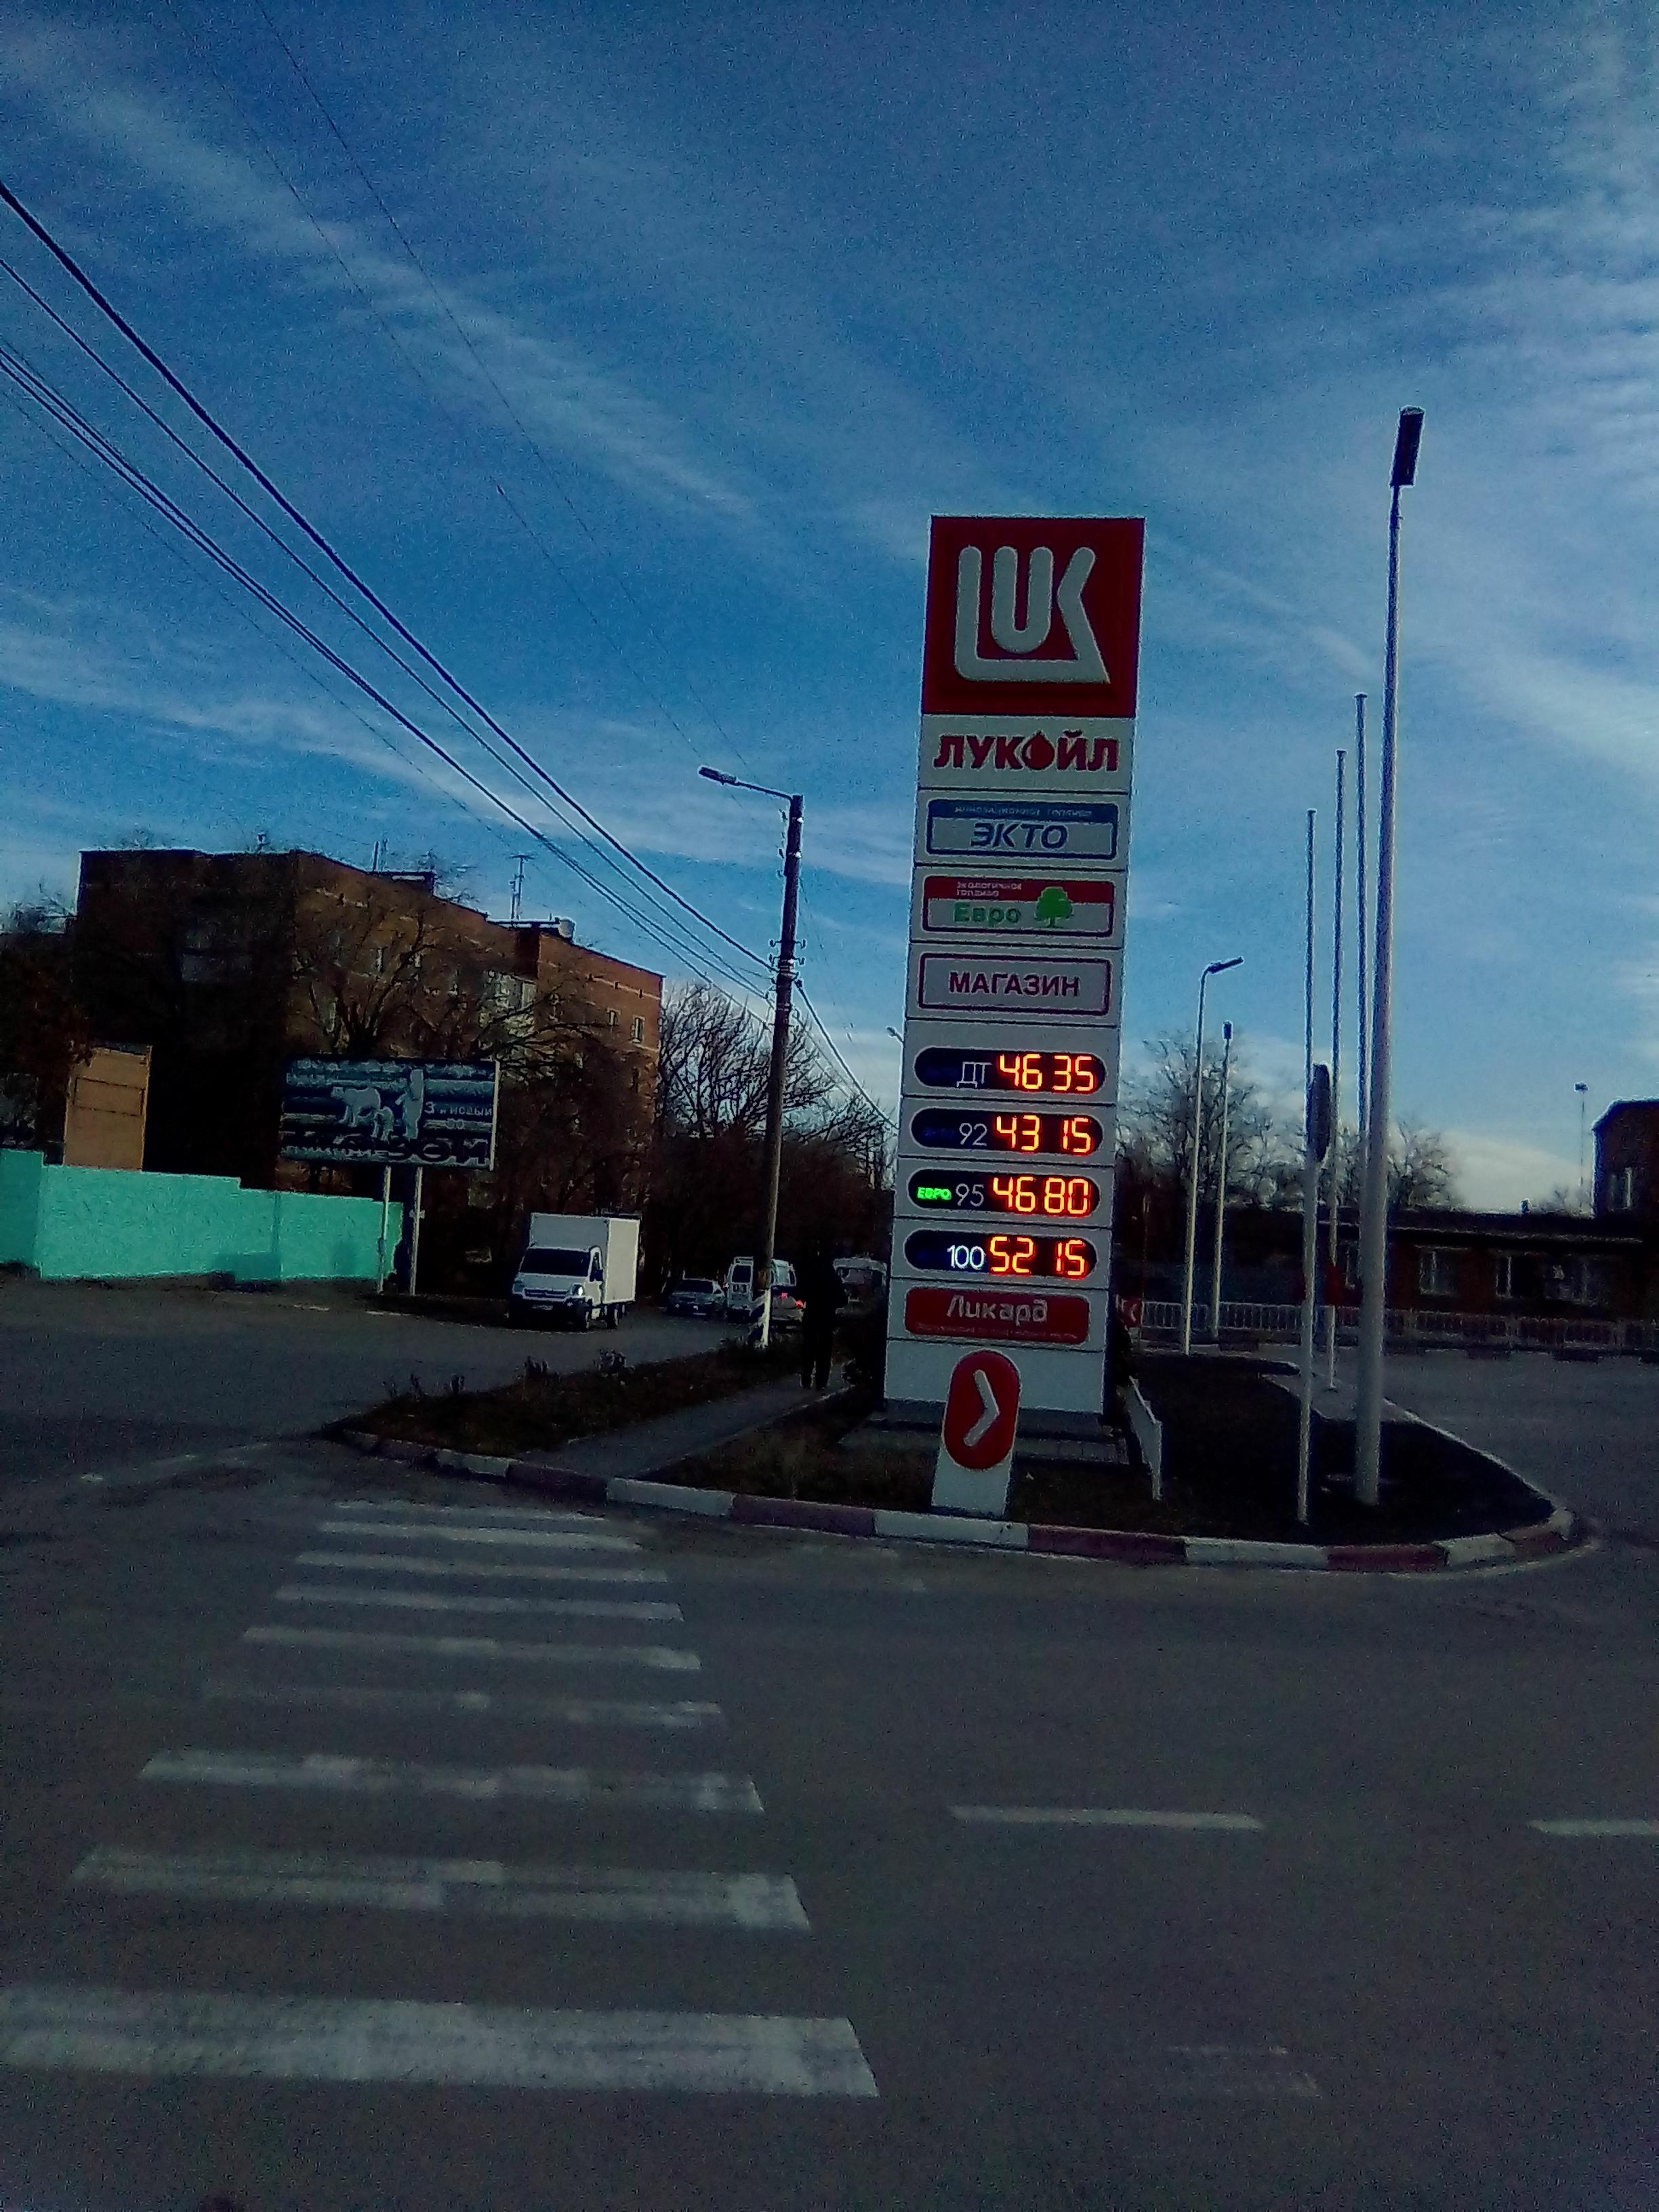 Топливо в ТаганрогеАвтозаправка Лукойл в Таганроге